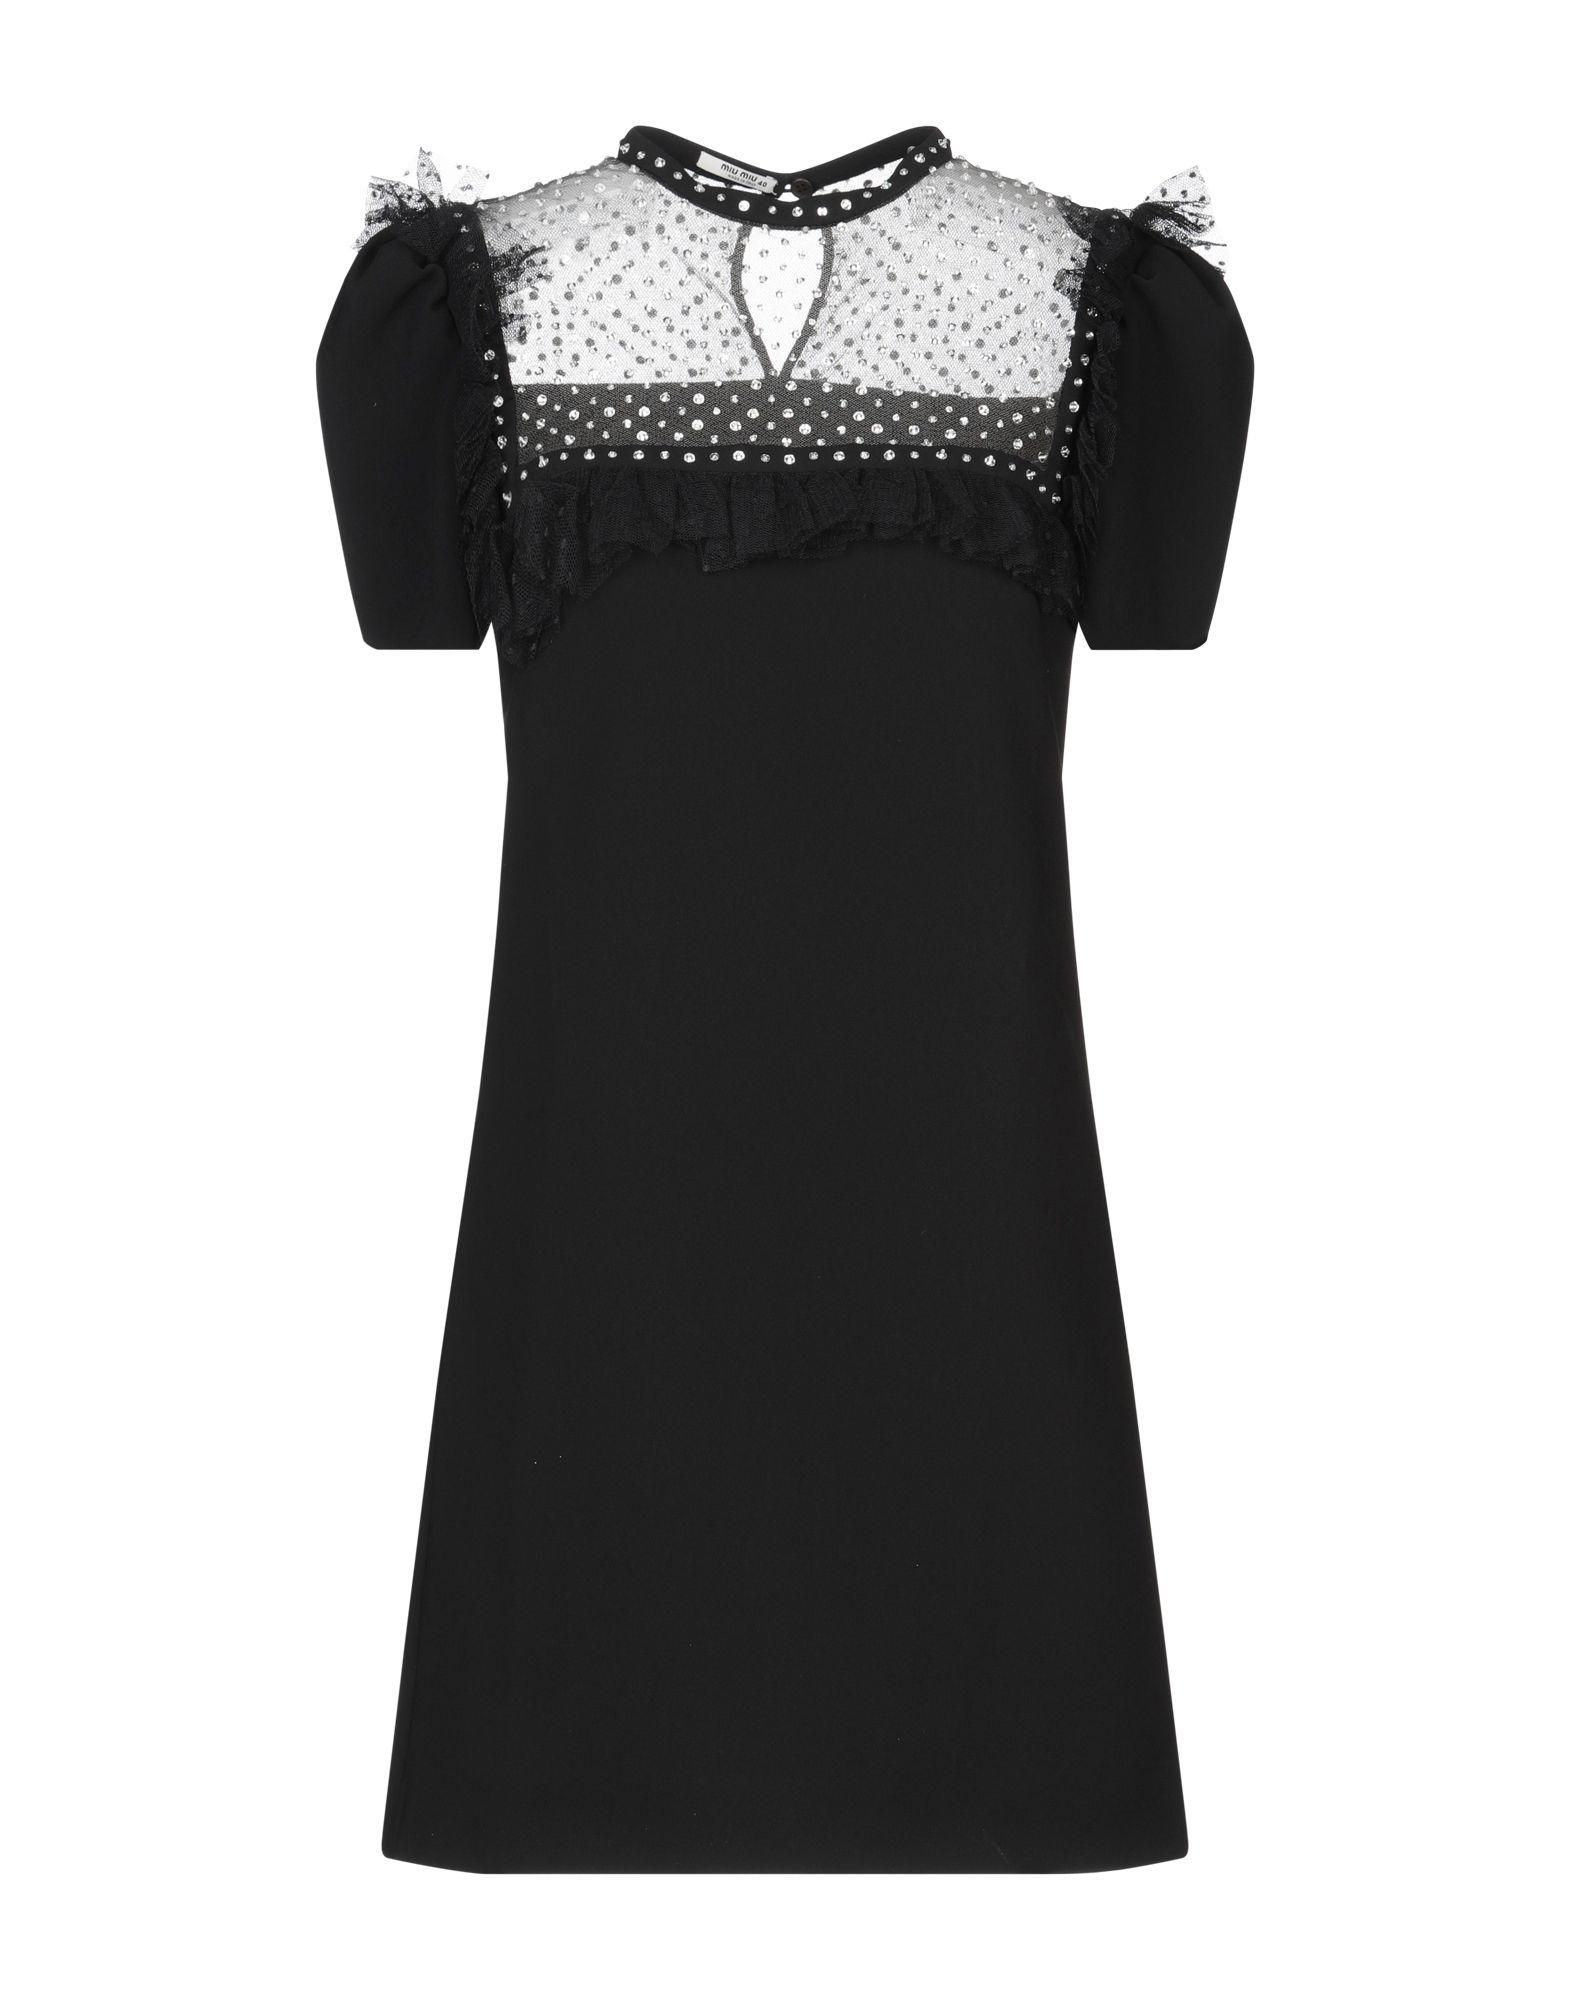 7fe237d6130 miu miu shop for women - women s miu miu catalogue - Cools.com